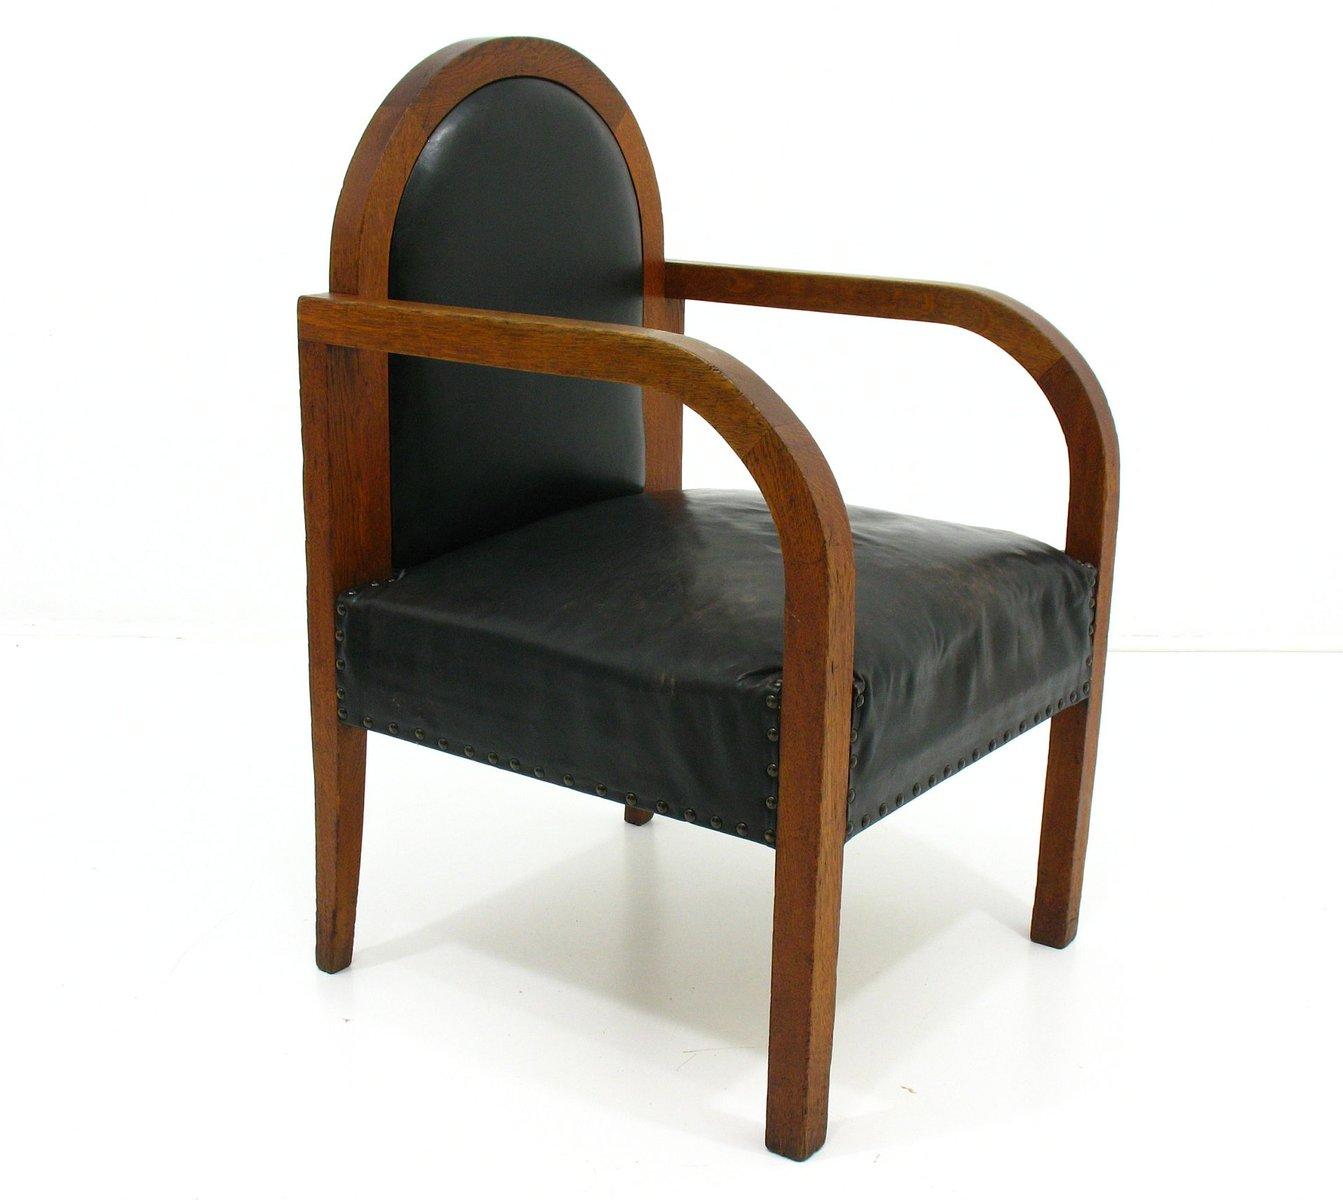 vintage sessel aus holz leder bei pamono kaufen. Black Bedroom Furniture Sets. Home Design Ideas